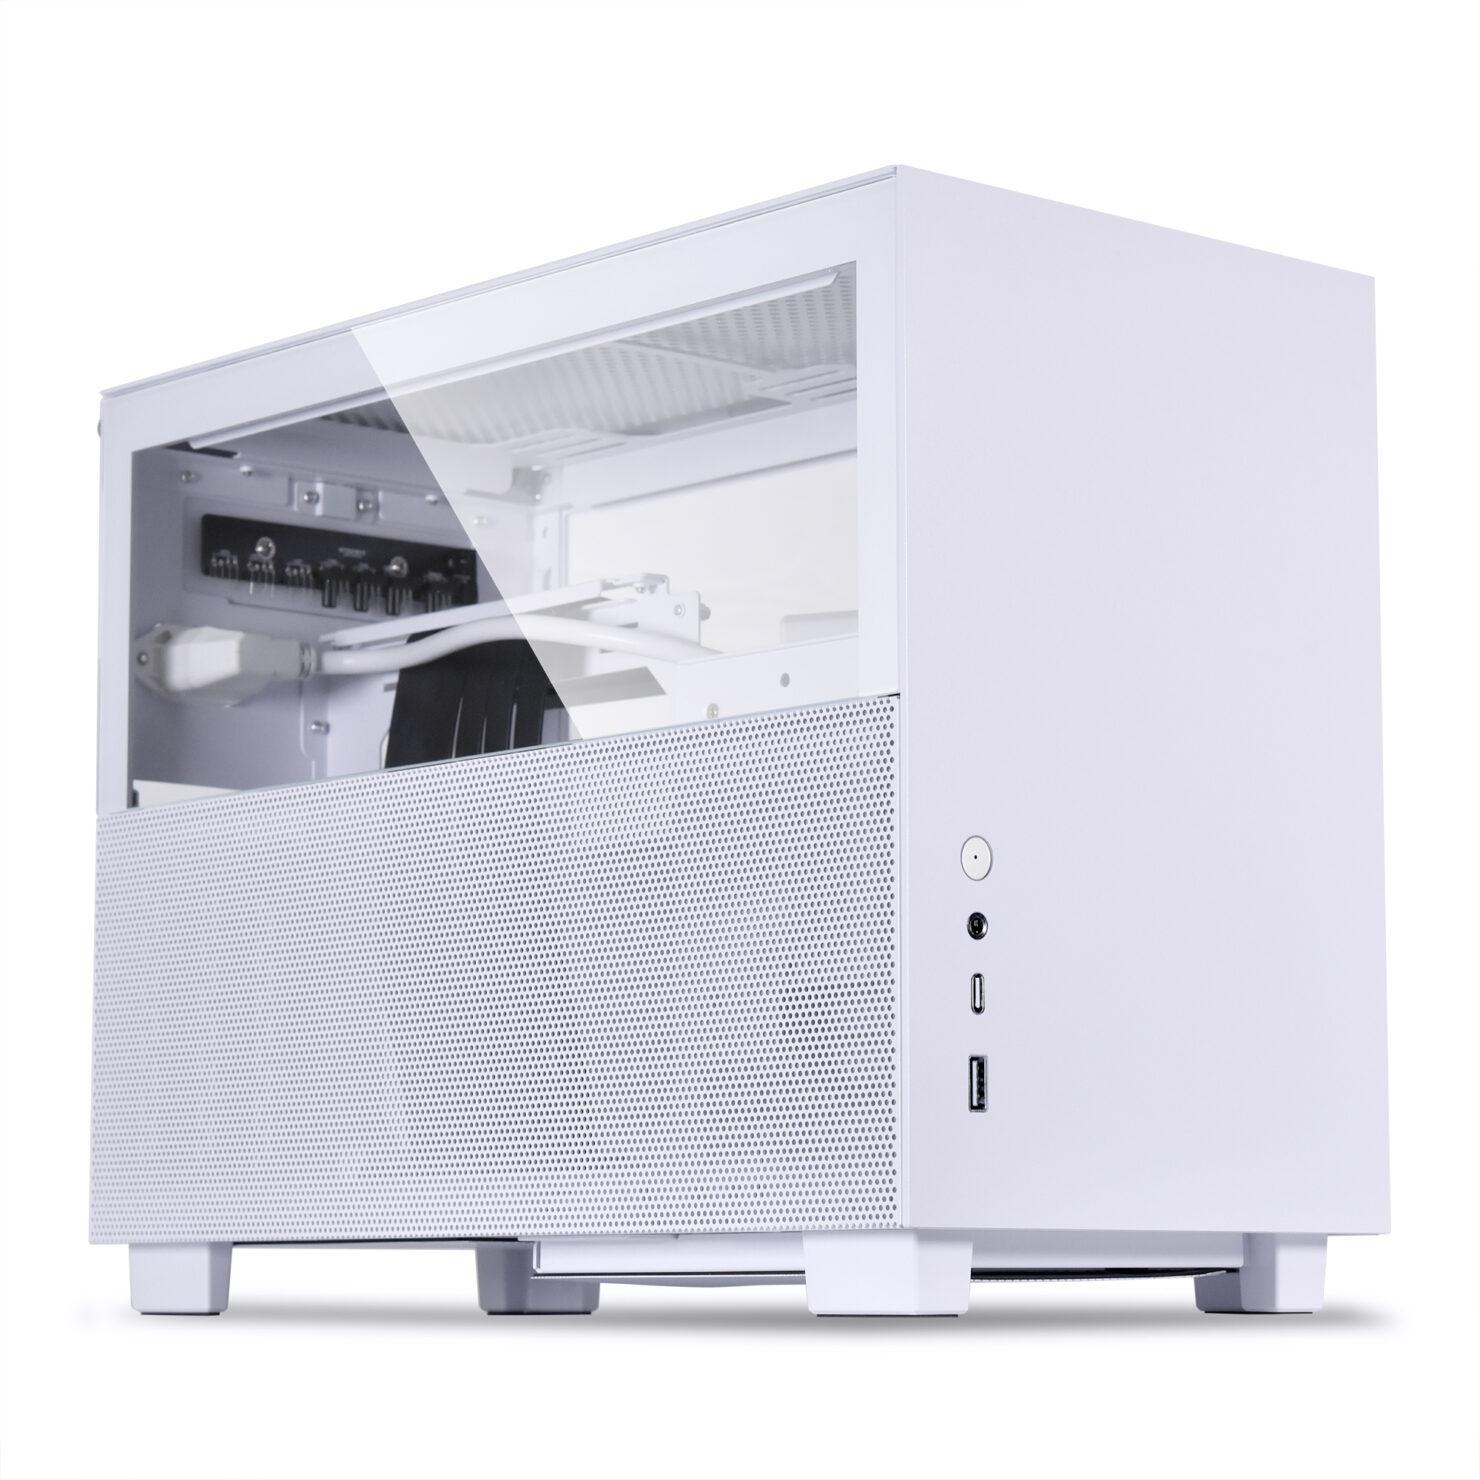 q58-white-03